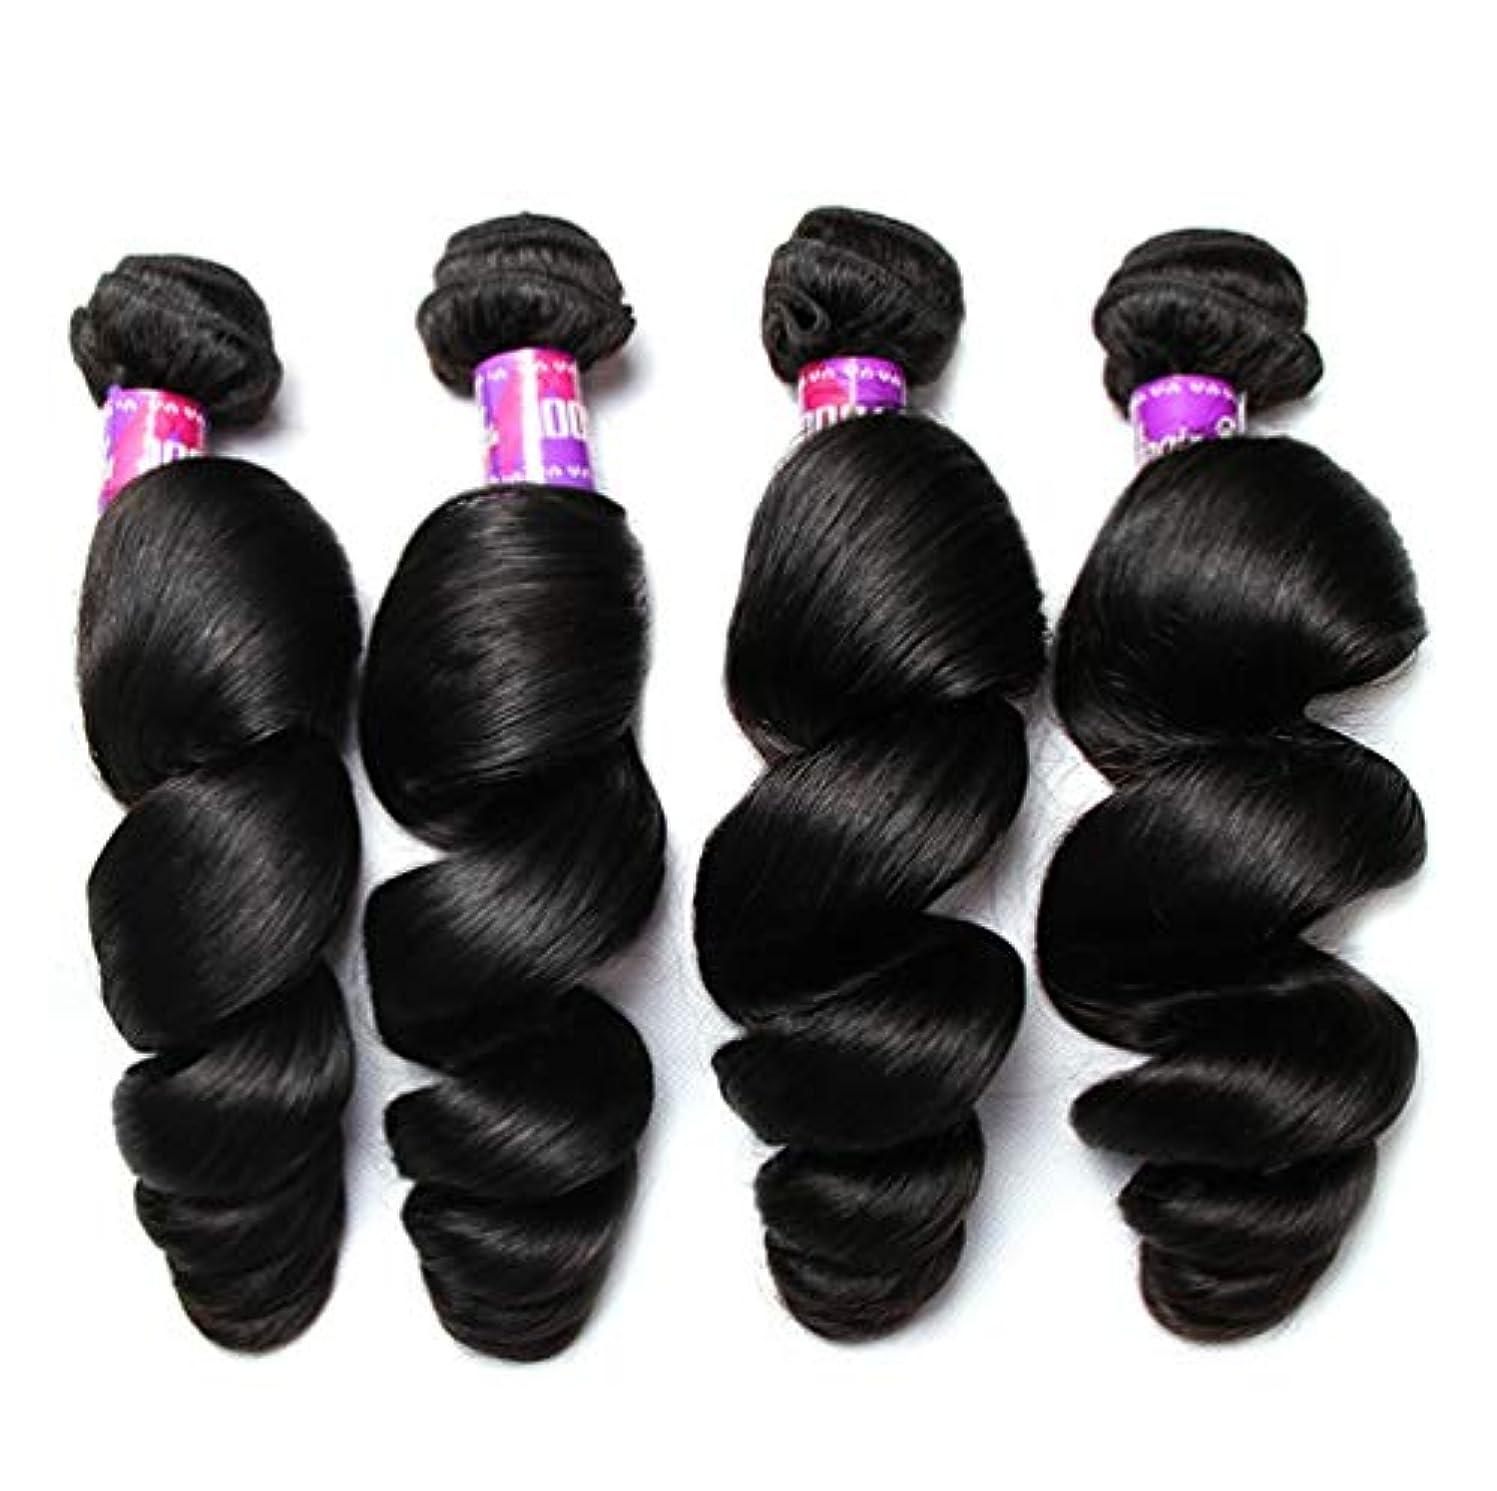 タクシーロッド千ブラジルのボディーウェーブの毛の束8Aブラジルのボディーウェーブのバージンの毛100%未処理の二重よこ糸の人間の毛髪延長(3束)